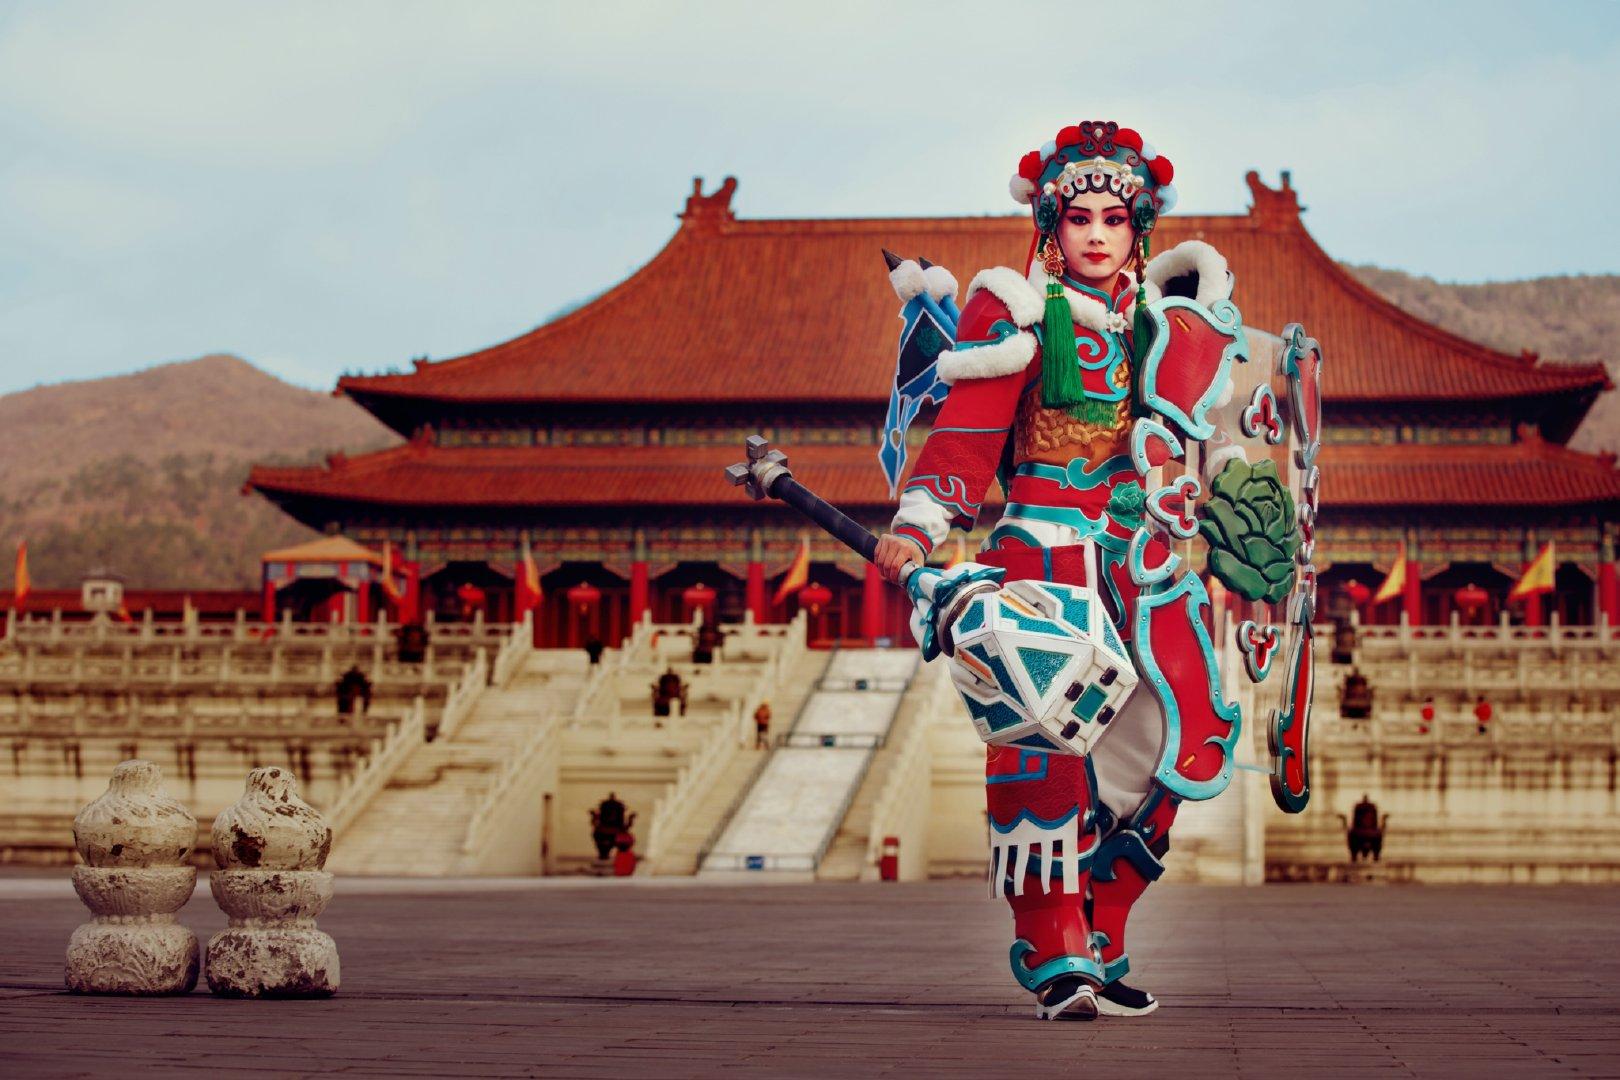 Brigitte Overwatch Lunar New Year Opera skin cosplay